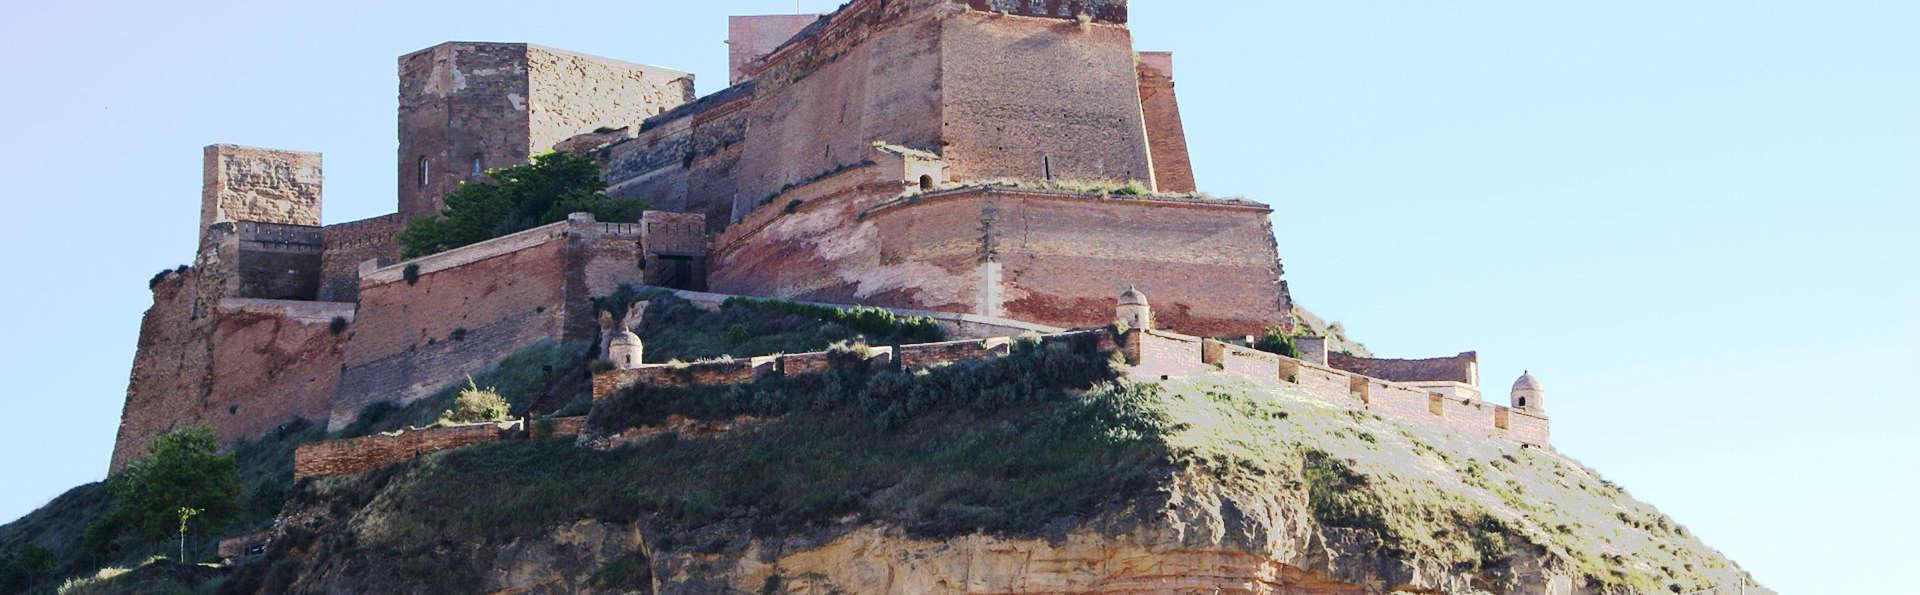 Escapada con cena, spa y visita al Castillo de Monzón en un hotel minimalista (desde 2 noches)